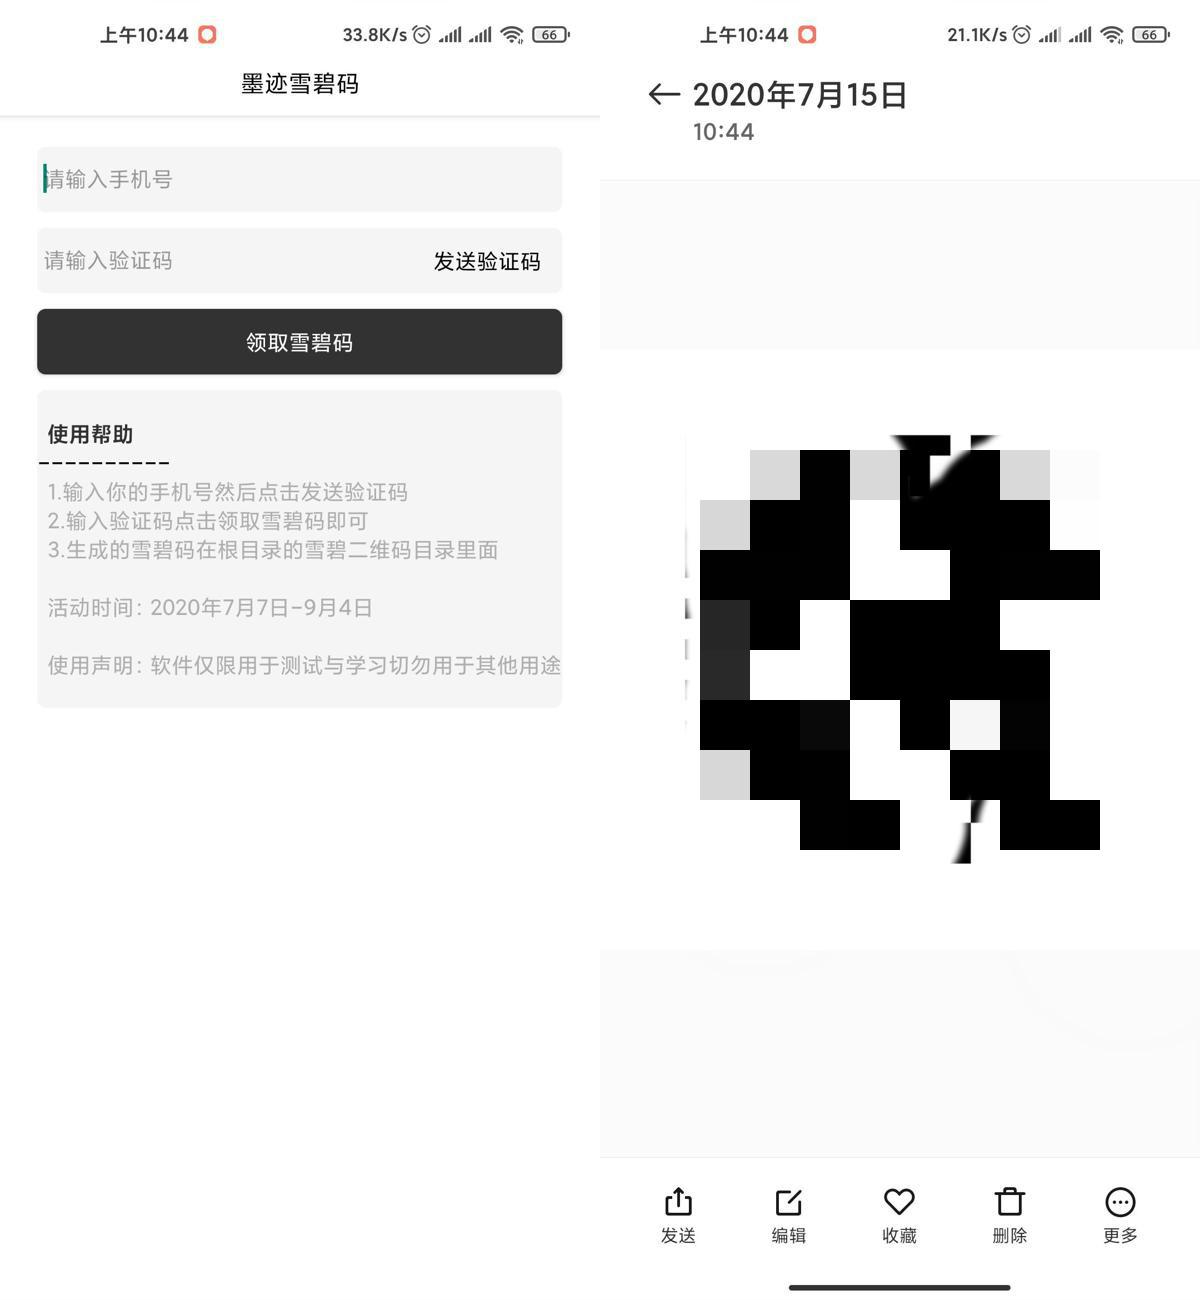 安卓墨迹天气雪碧码生成器 严禁商业用途